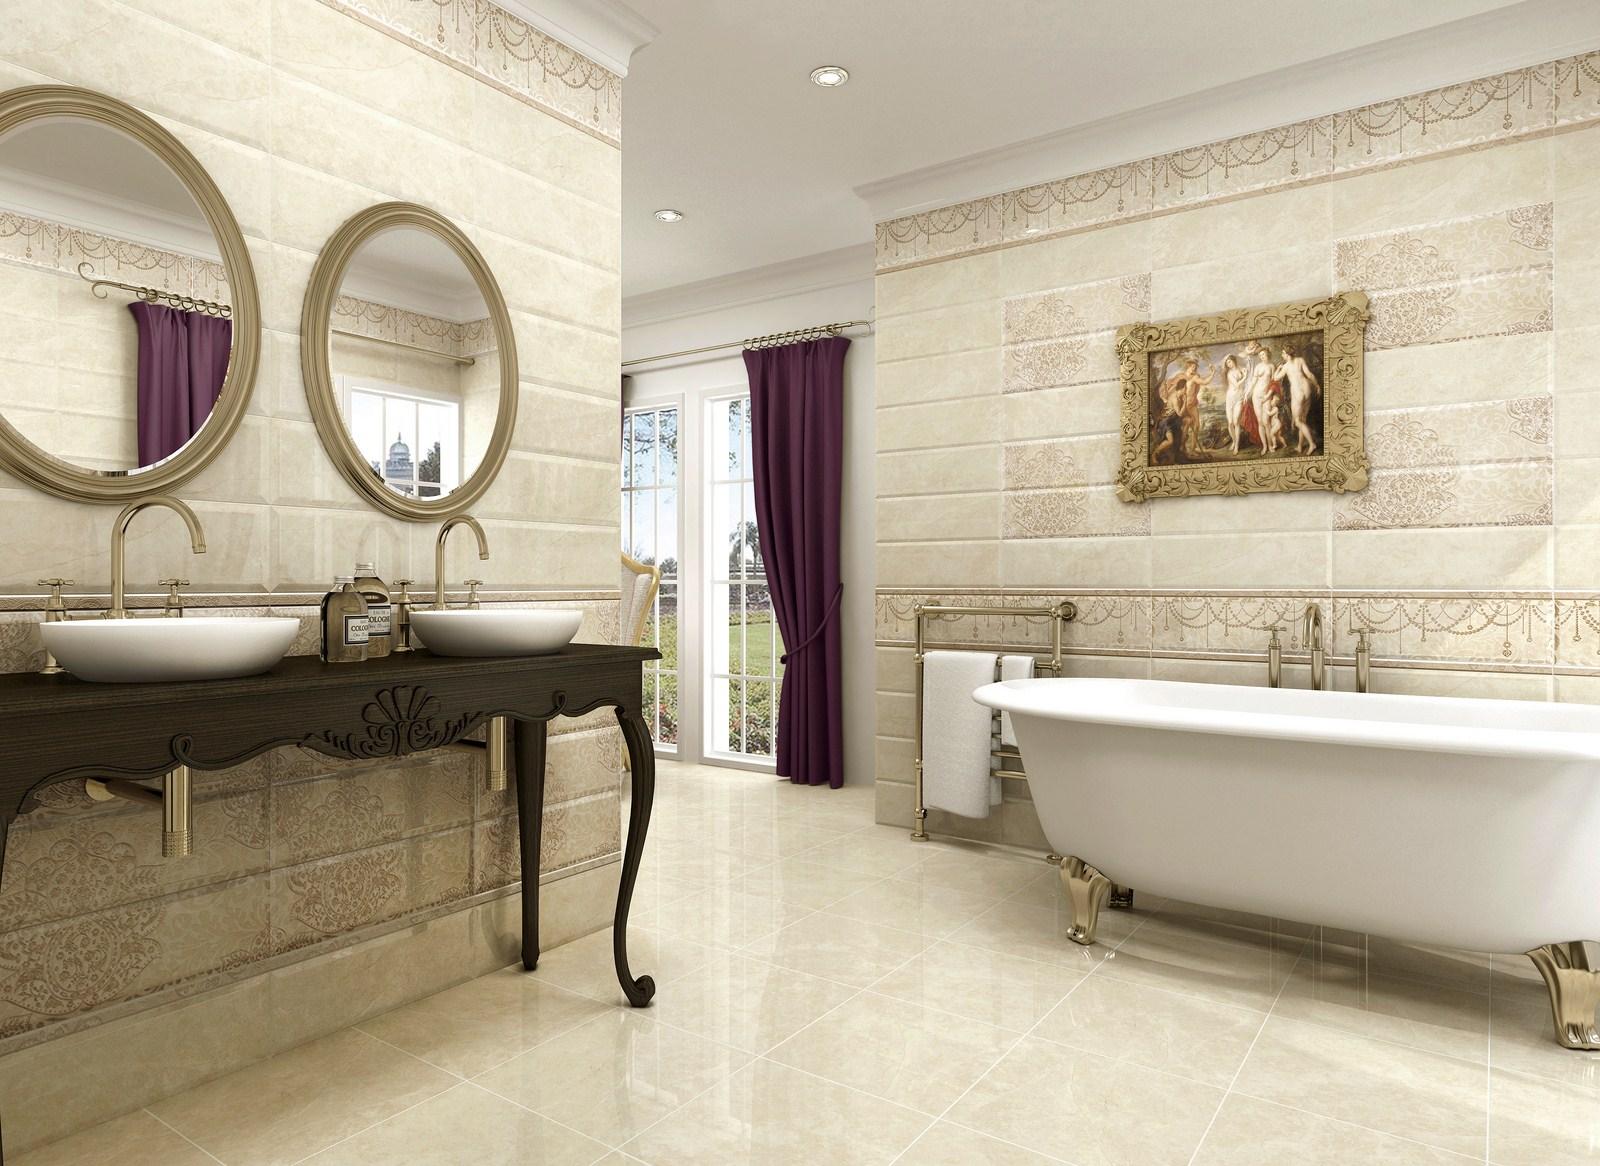 Испанская плитка в ванной